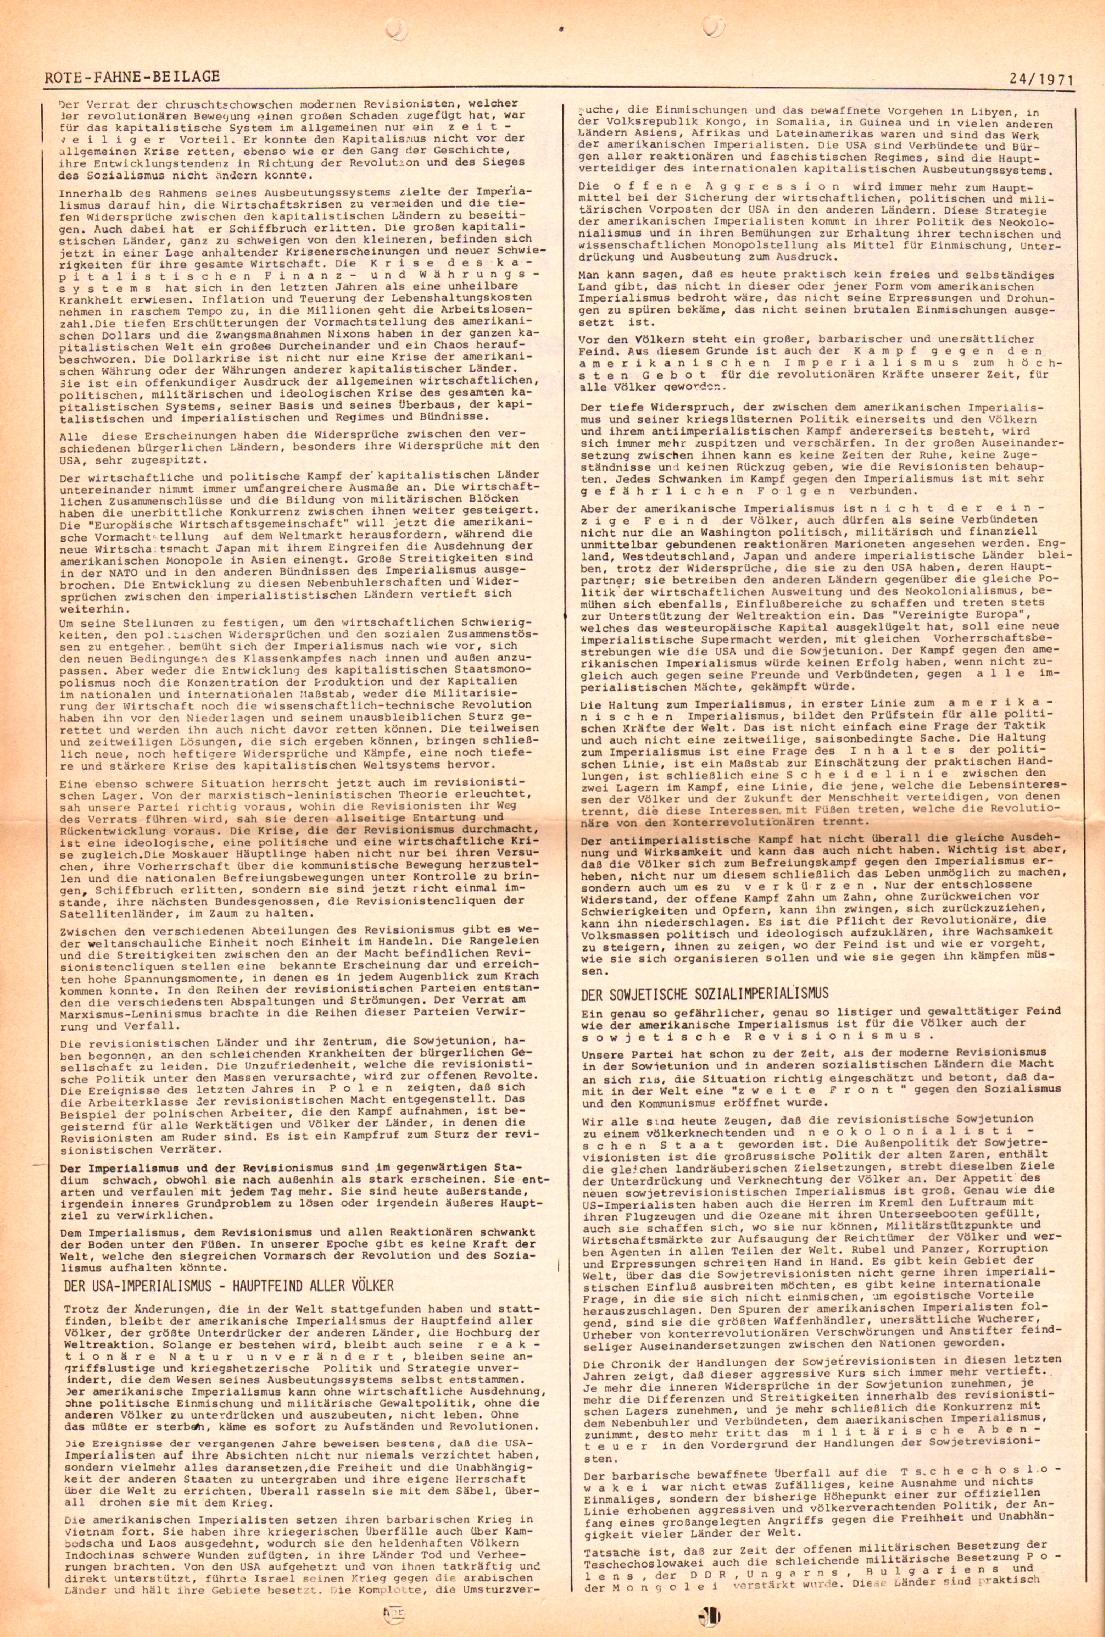 Rote Fahne, 2. Jg., 6.12.1971, Nr. 24, Seite 6